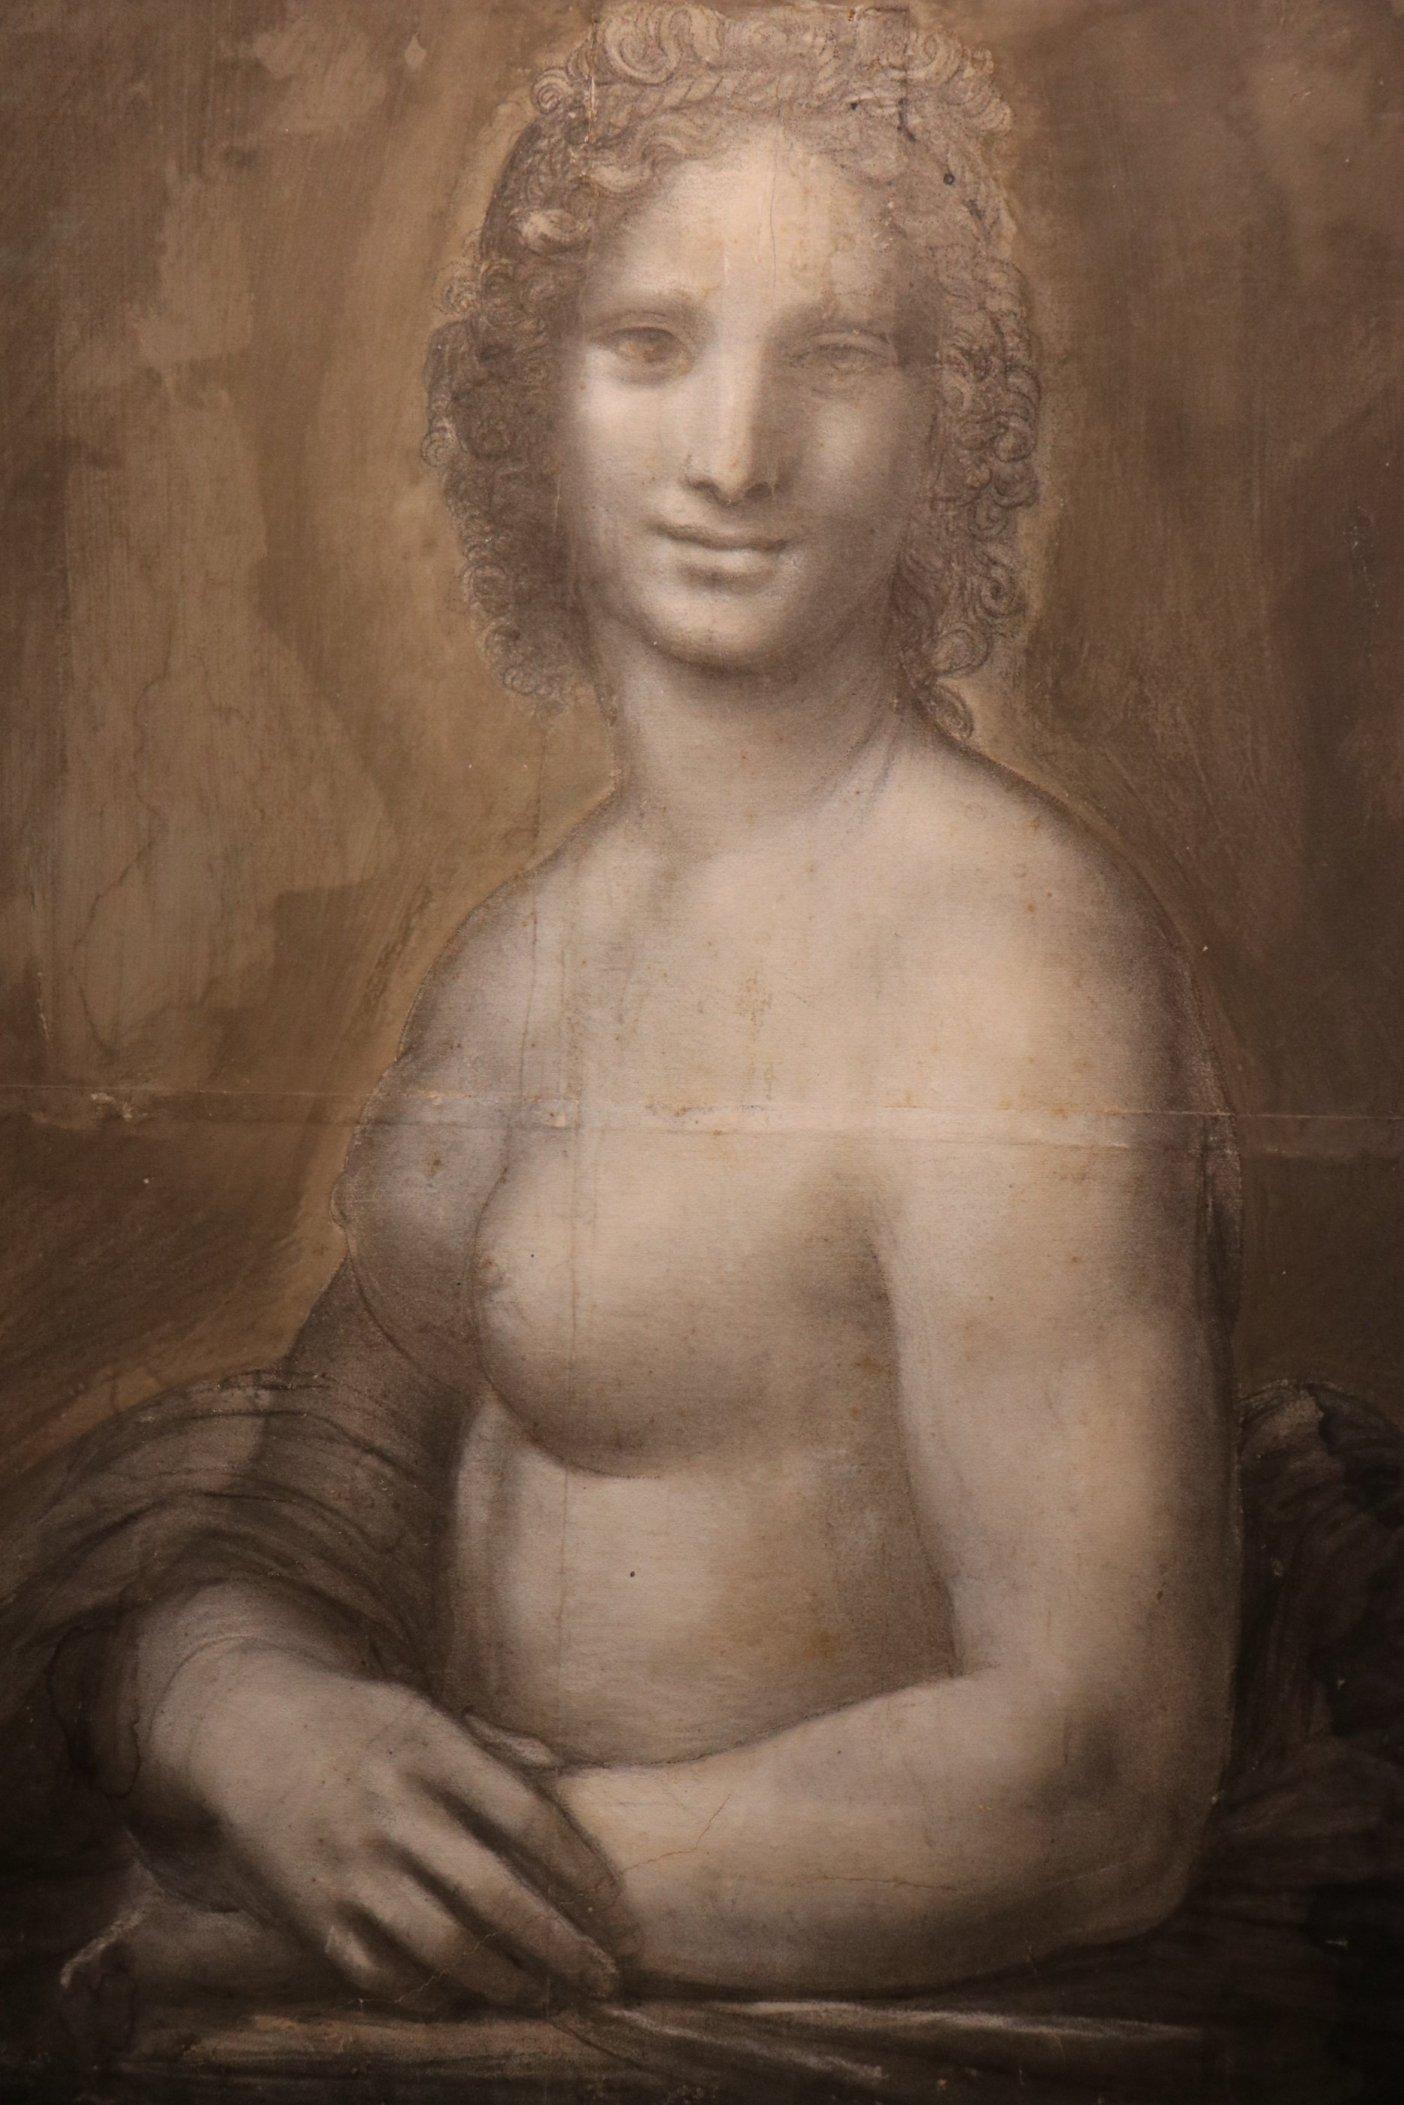 Jonconde Nue Musee conde Chntilly